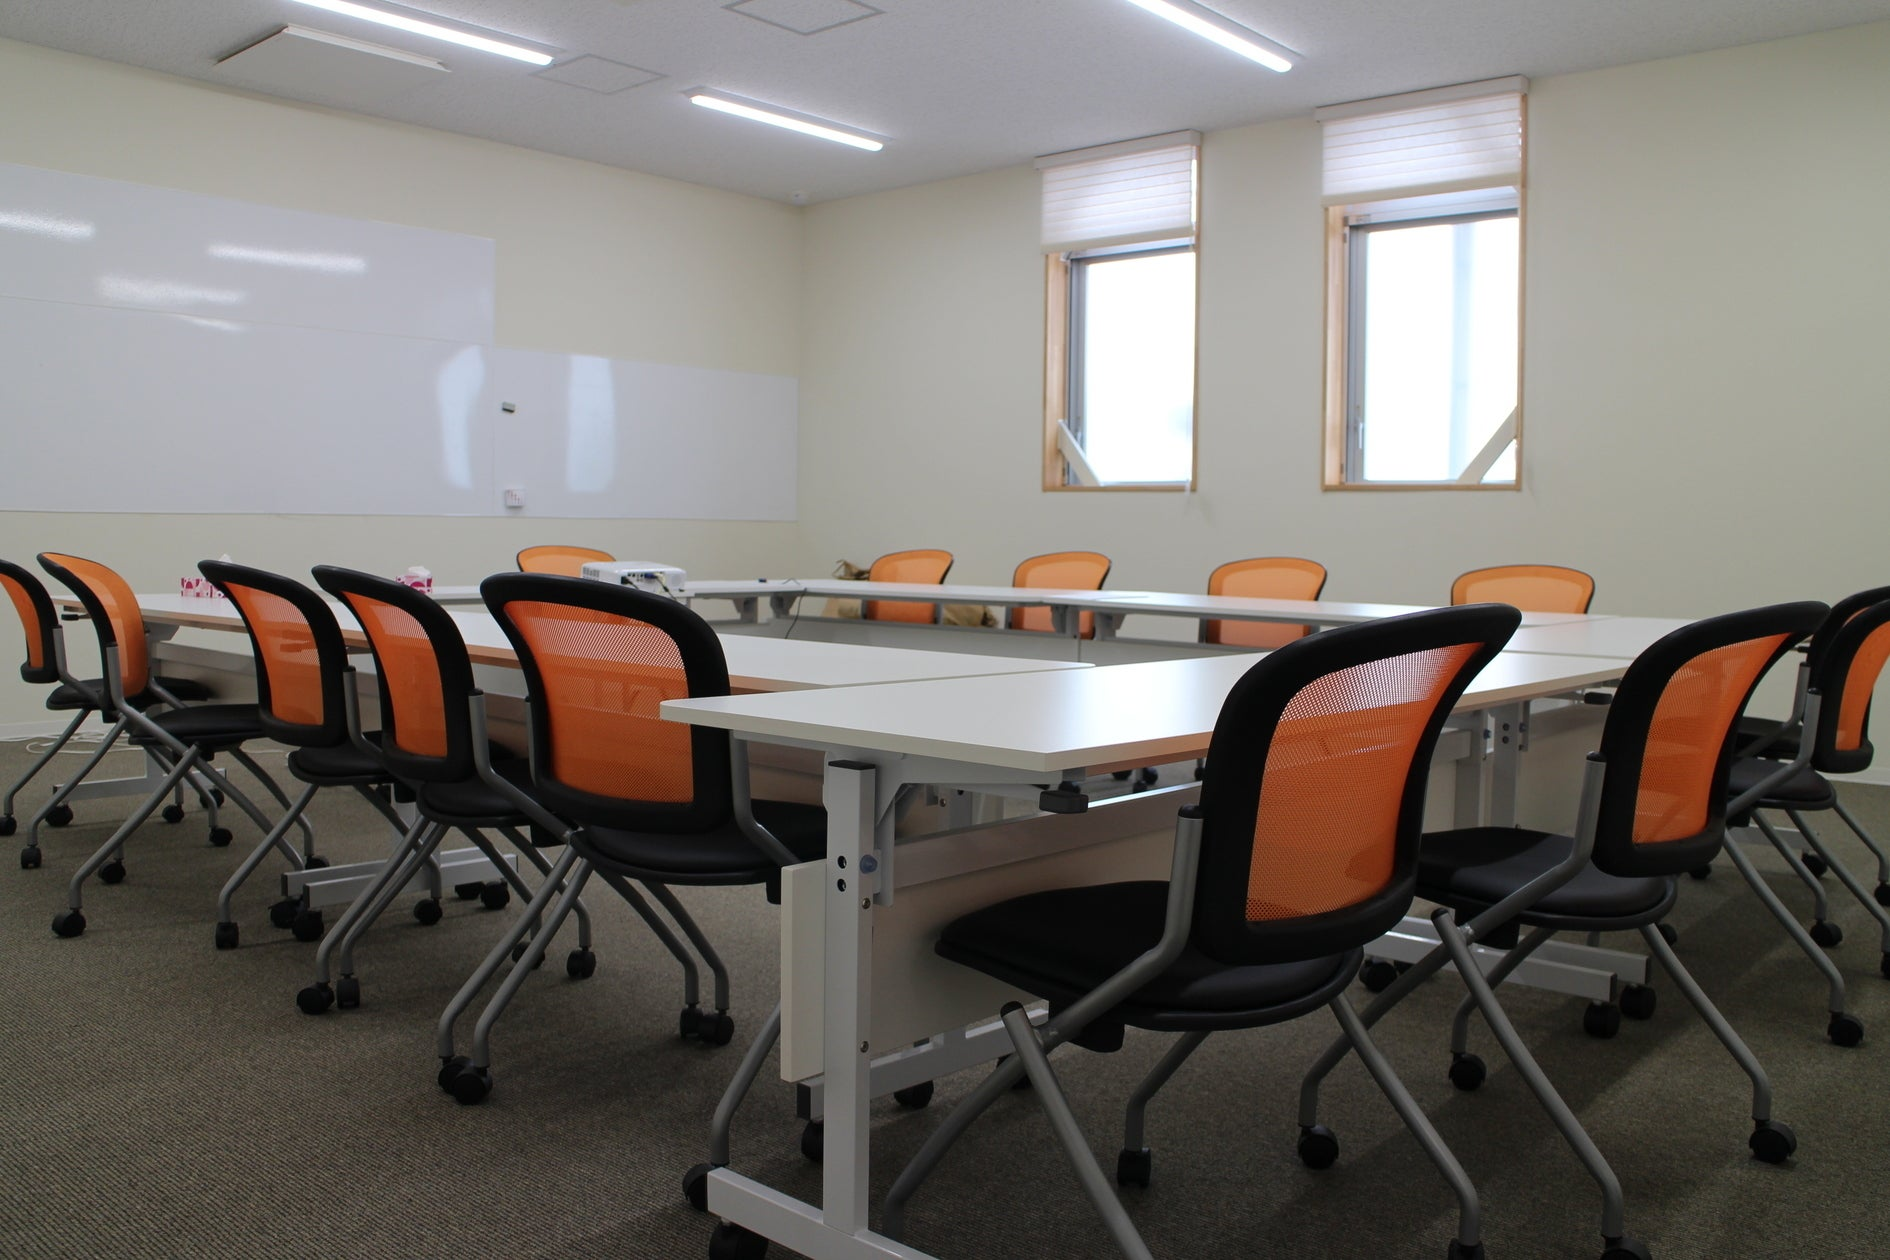 レンタルスペース「会議室」(会議室) の写真0